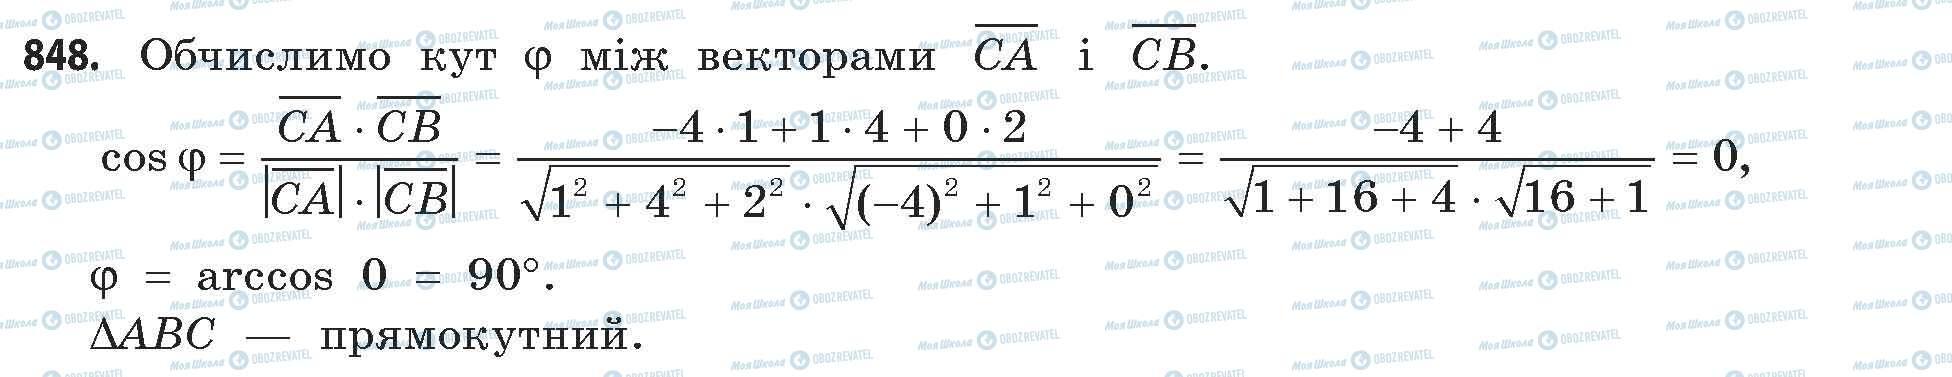 ГДЗ Математика 11 класс страница 848